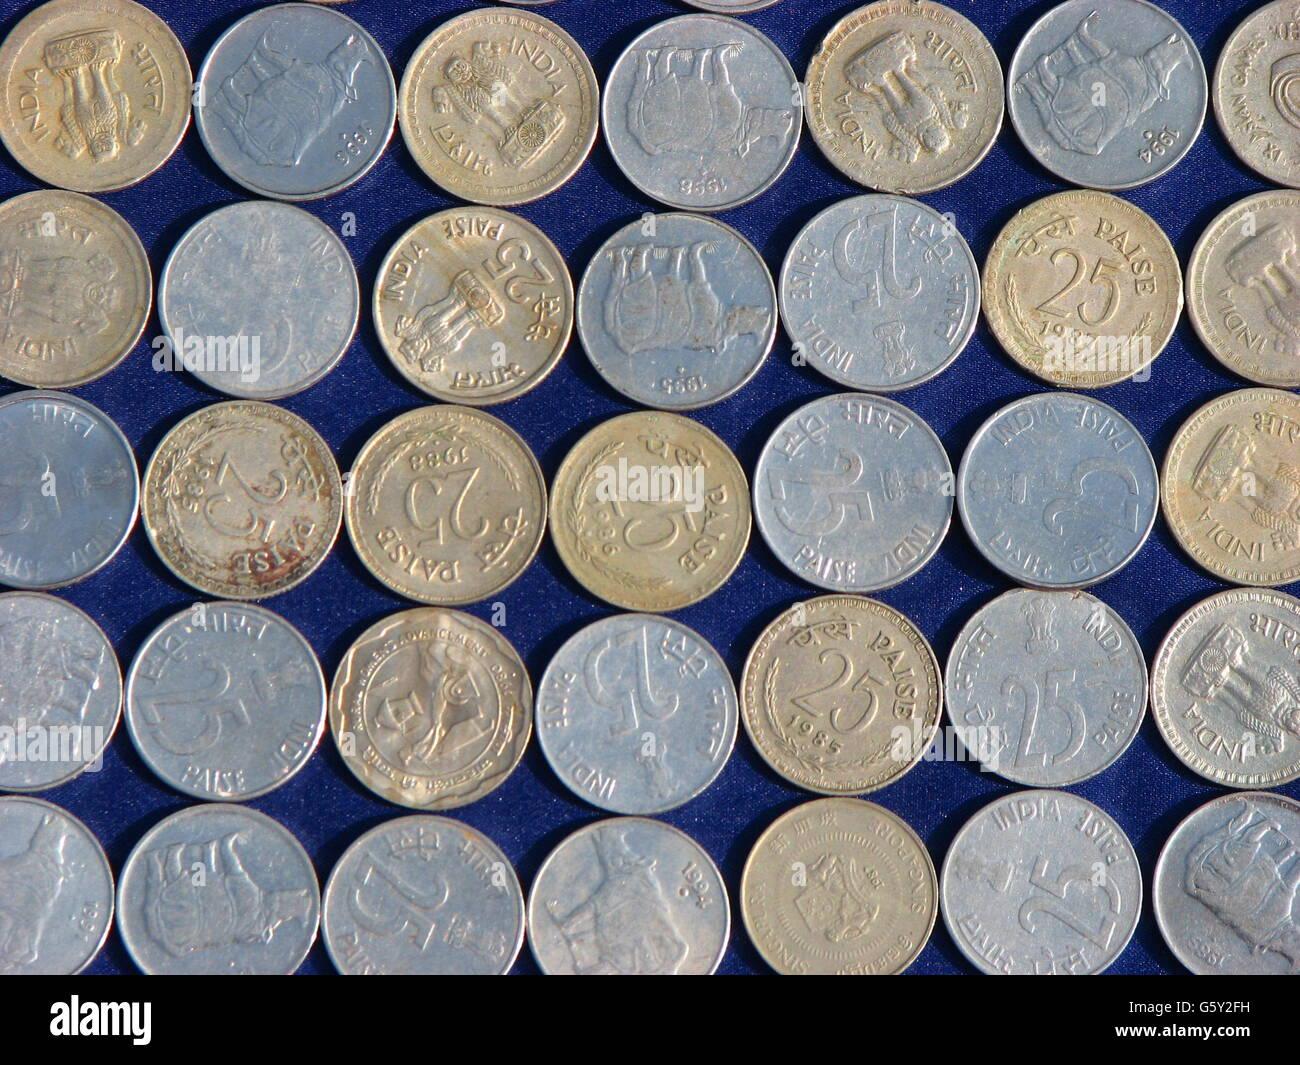 Indische Münzen Hintergrund Stockfoto Bild 106930197 Alamy